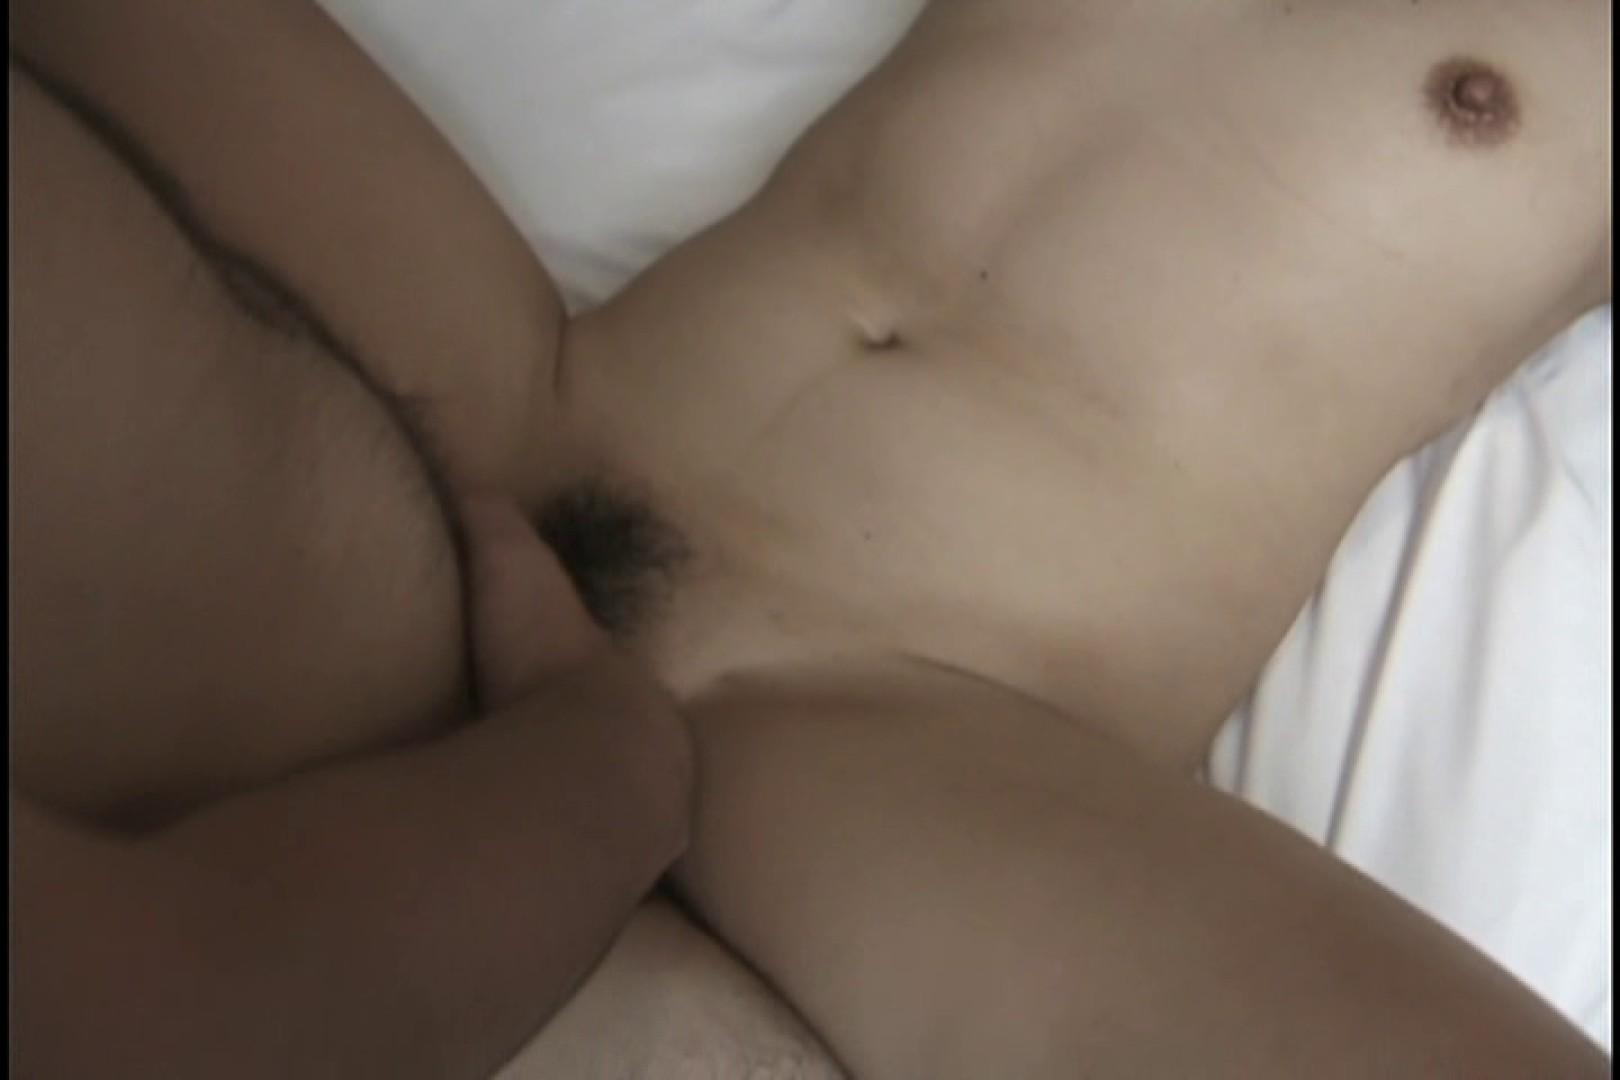 昼間の奥様は欲求不満 ~柴田清美~ 熟女のエッチ AV無料動画キャプチャ 91pic 2